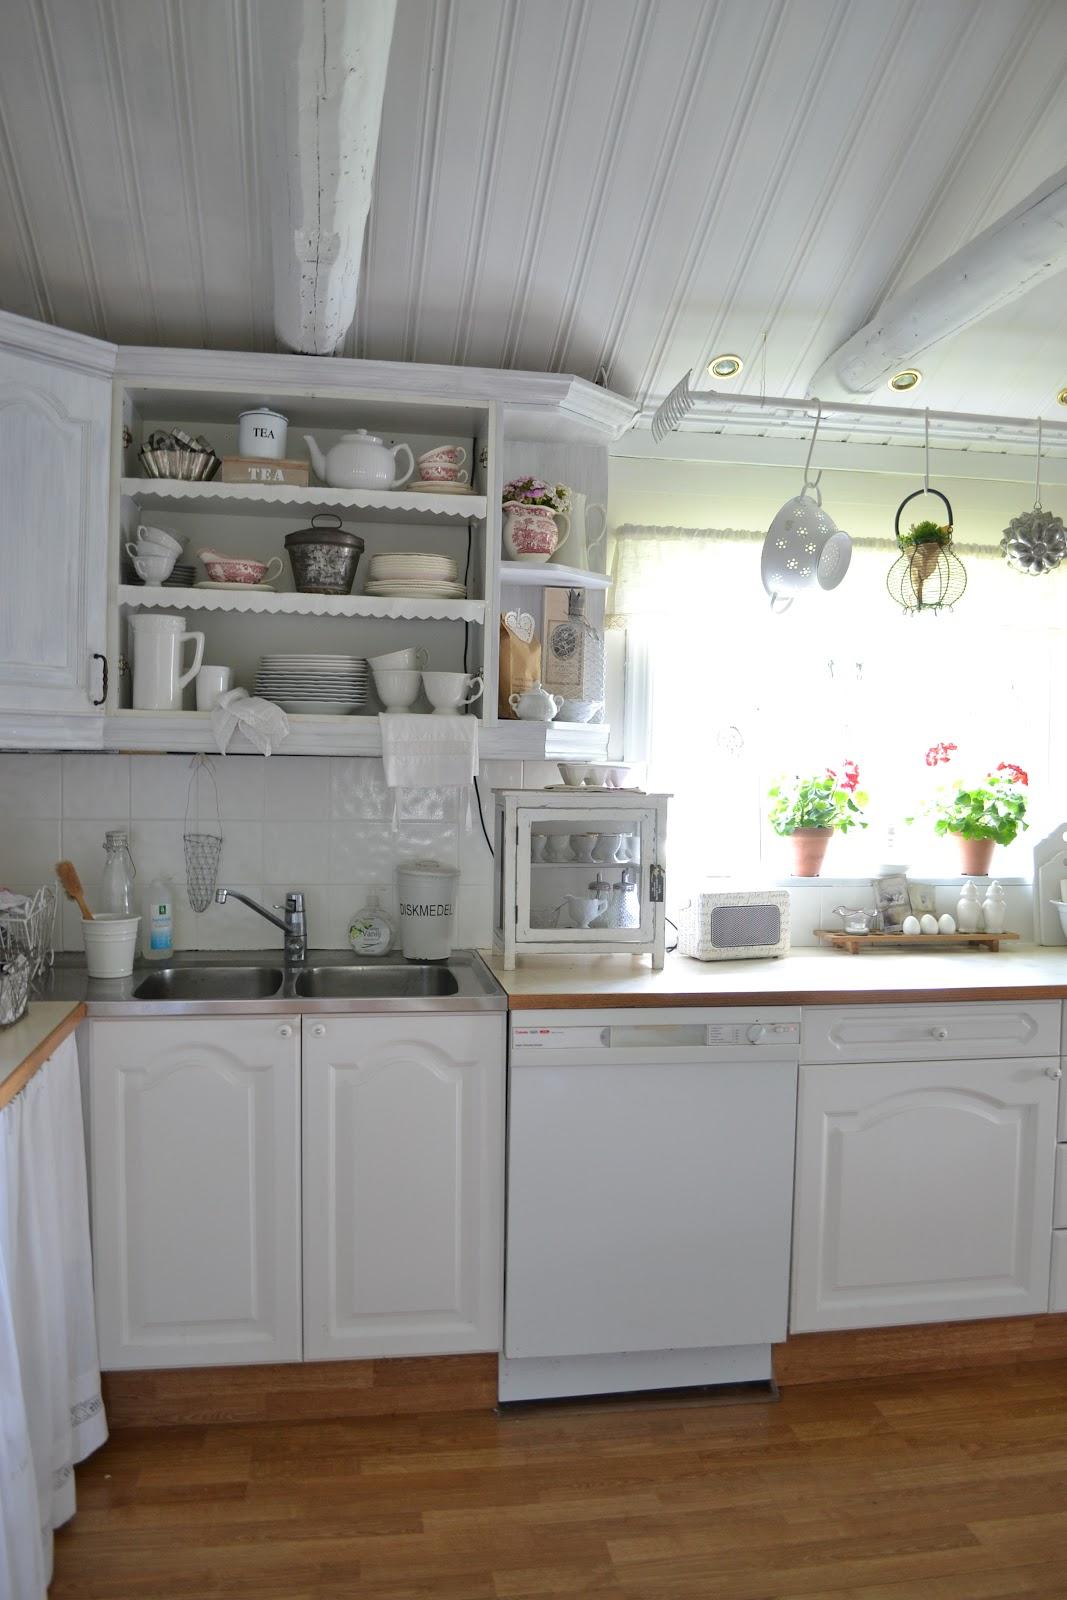 Vitt kök utan överskåp ~ zeedub.com